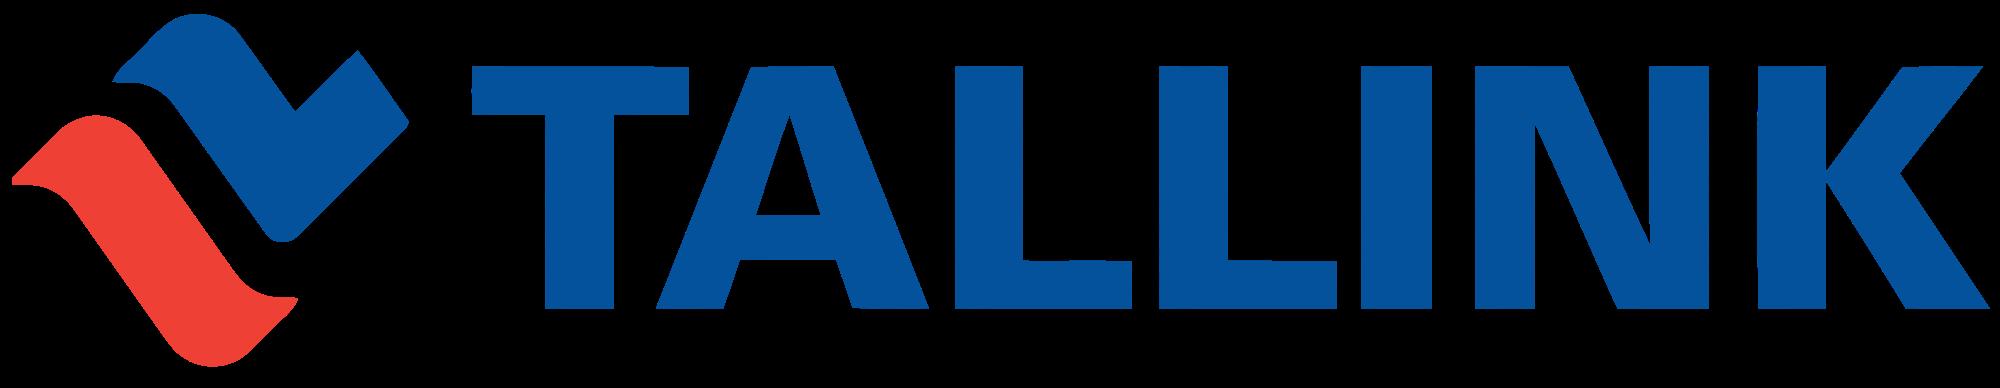 Tallink on yksi giosgin menestystarinoista.